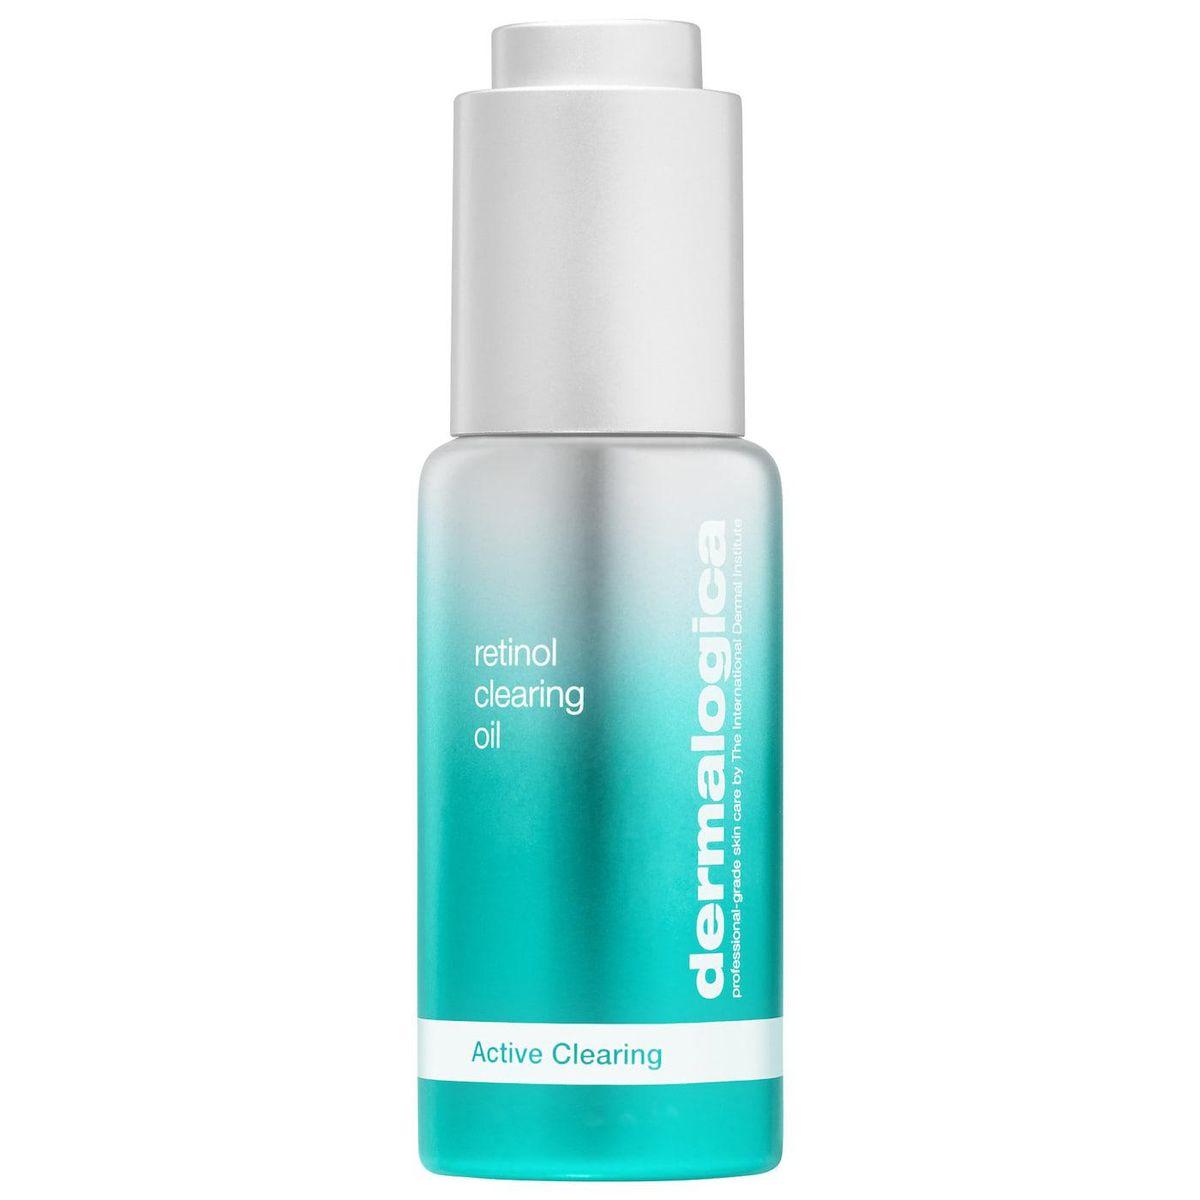 dermalogica retinol acne clearing oil